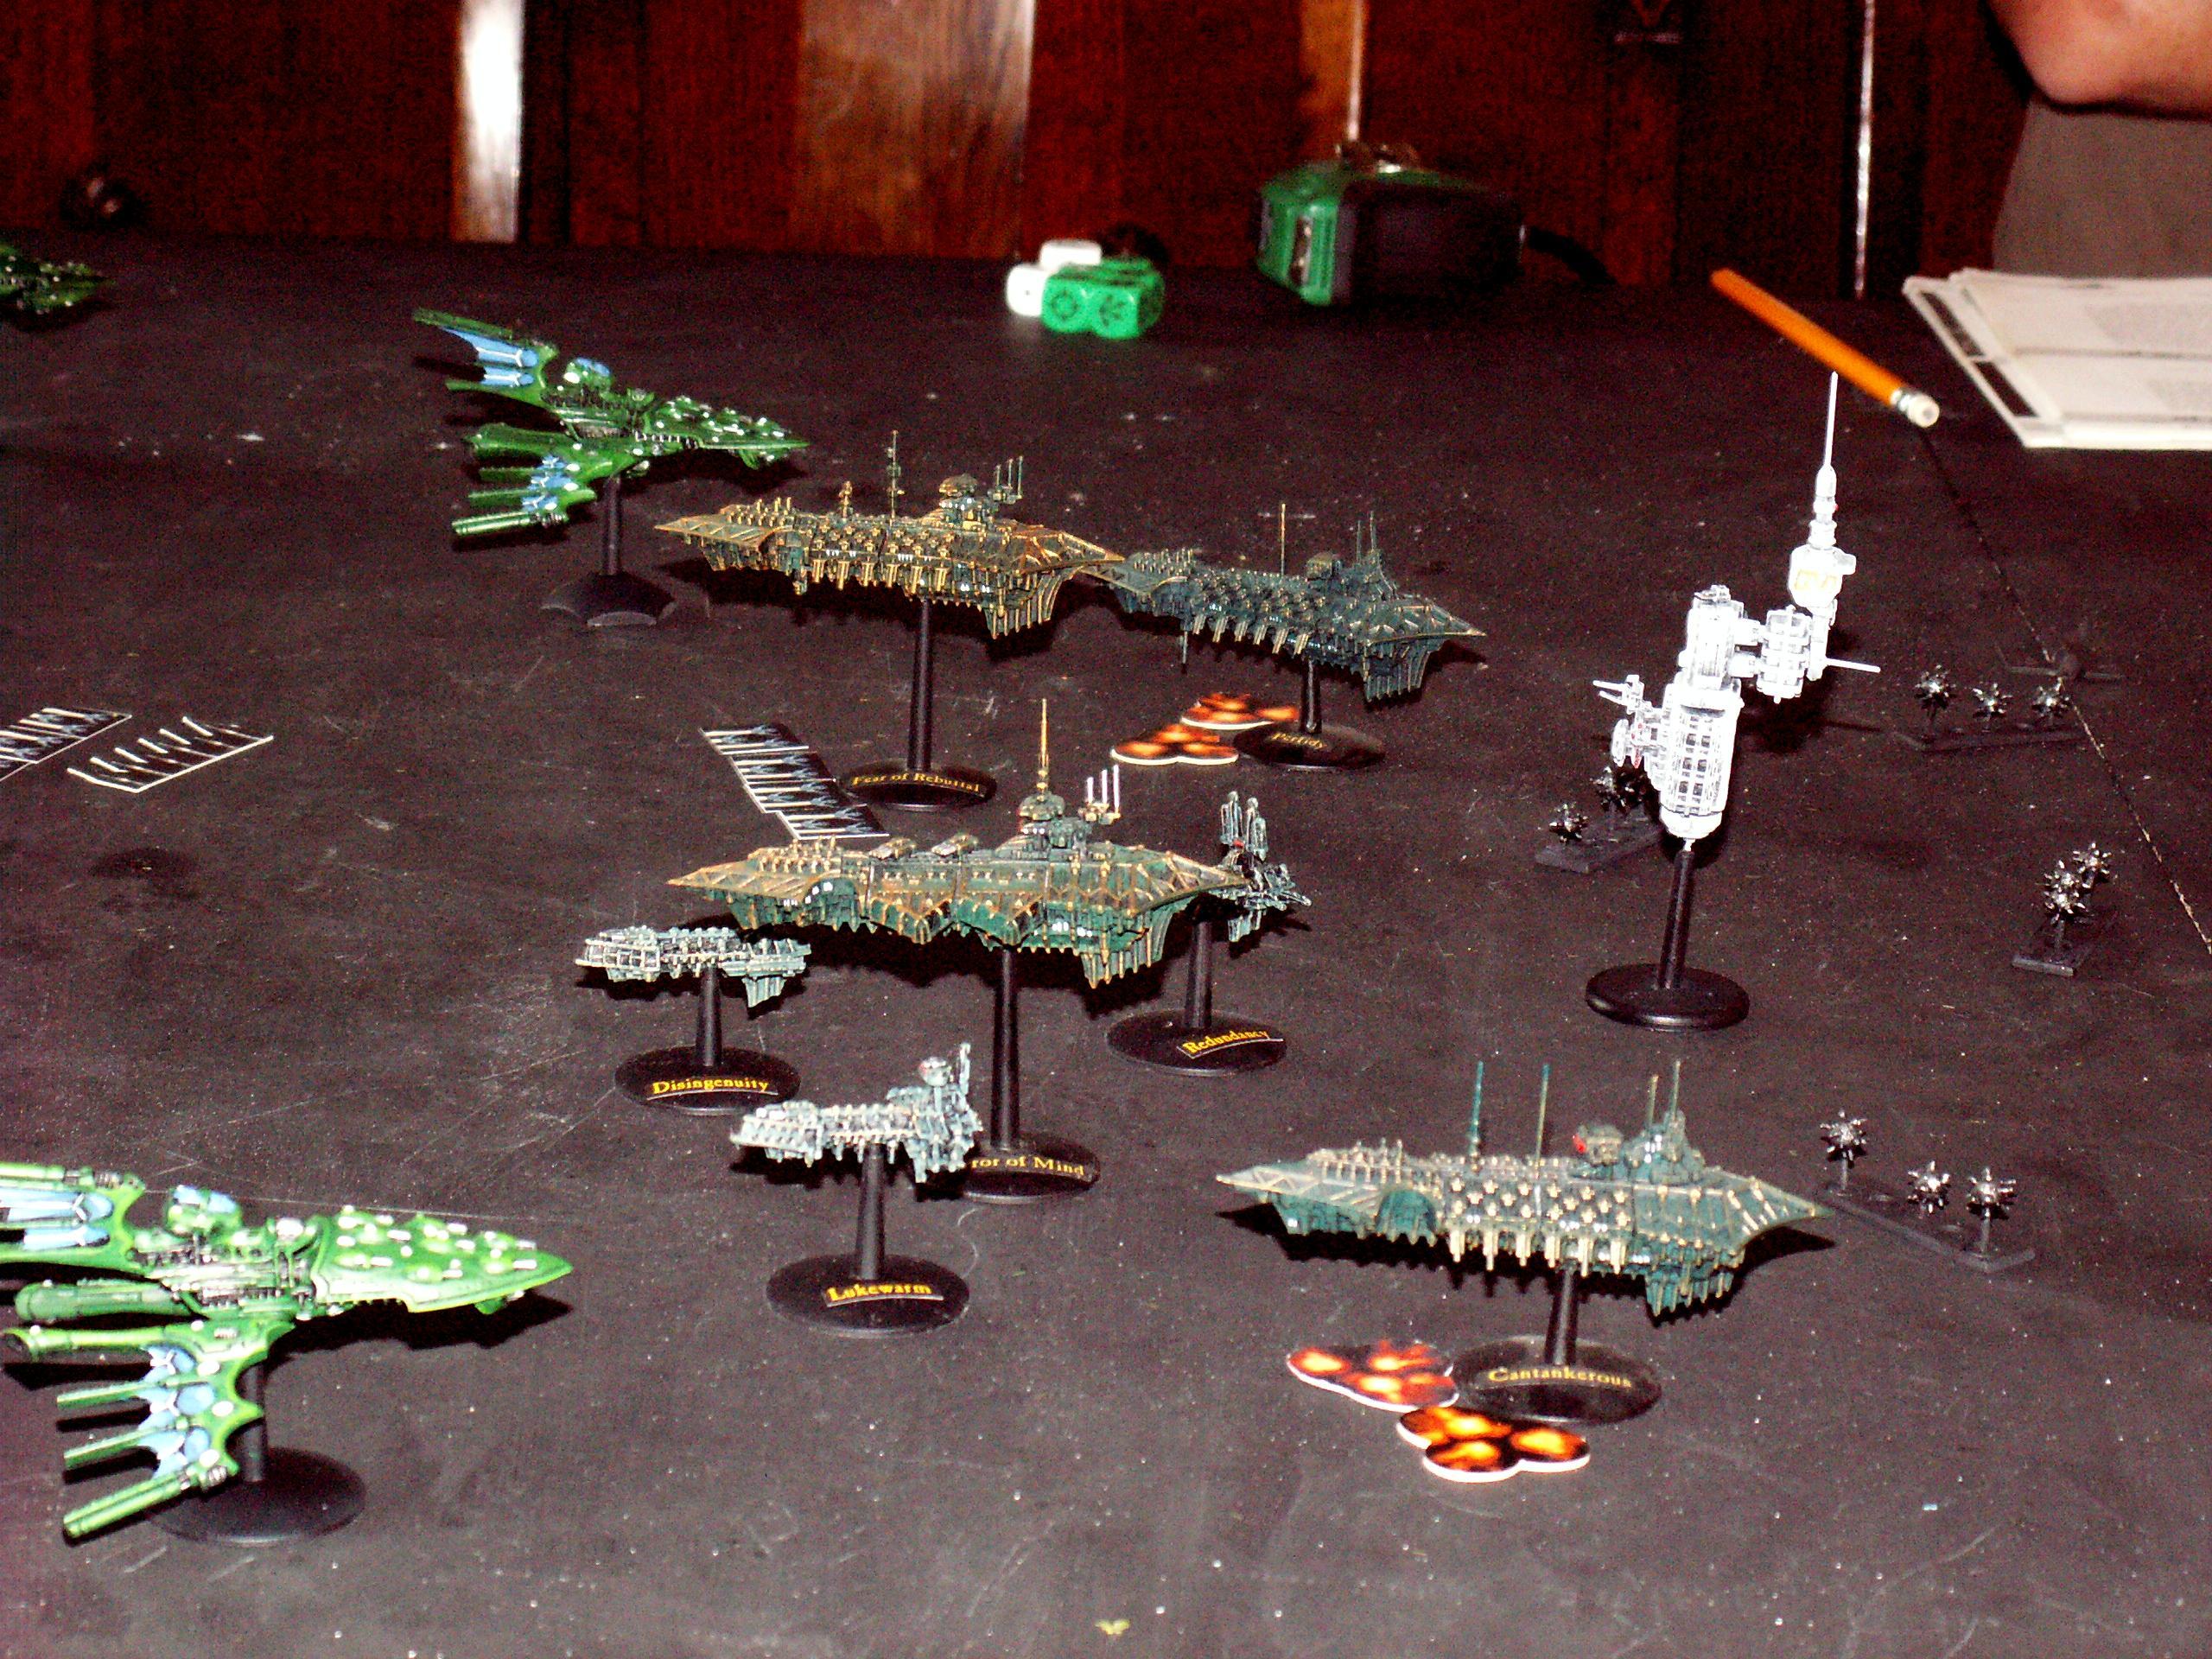 Battlefleet, Battlefleet Gothic, Gothic